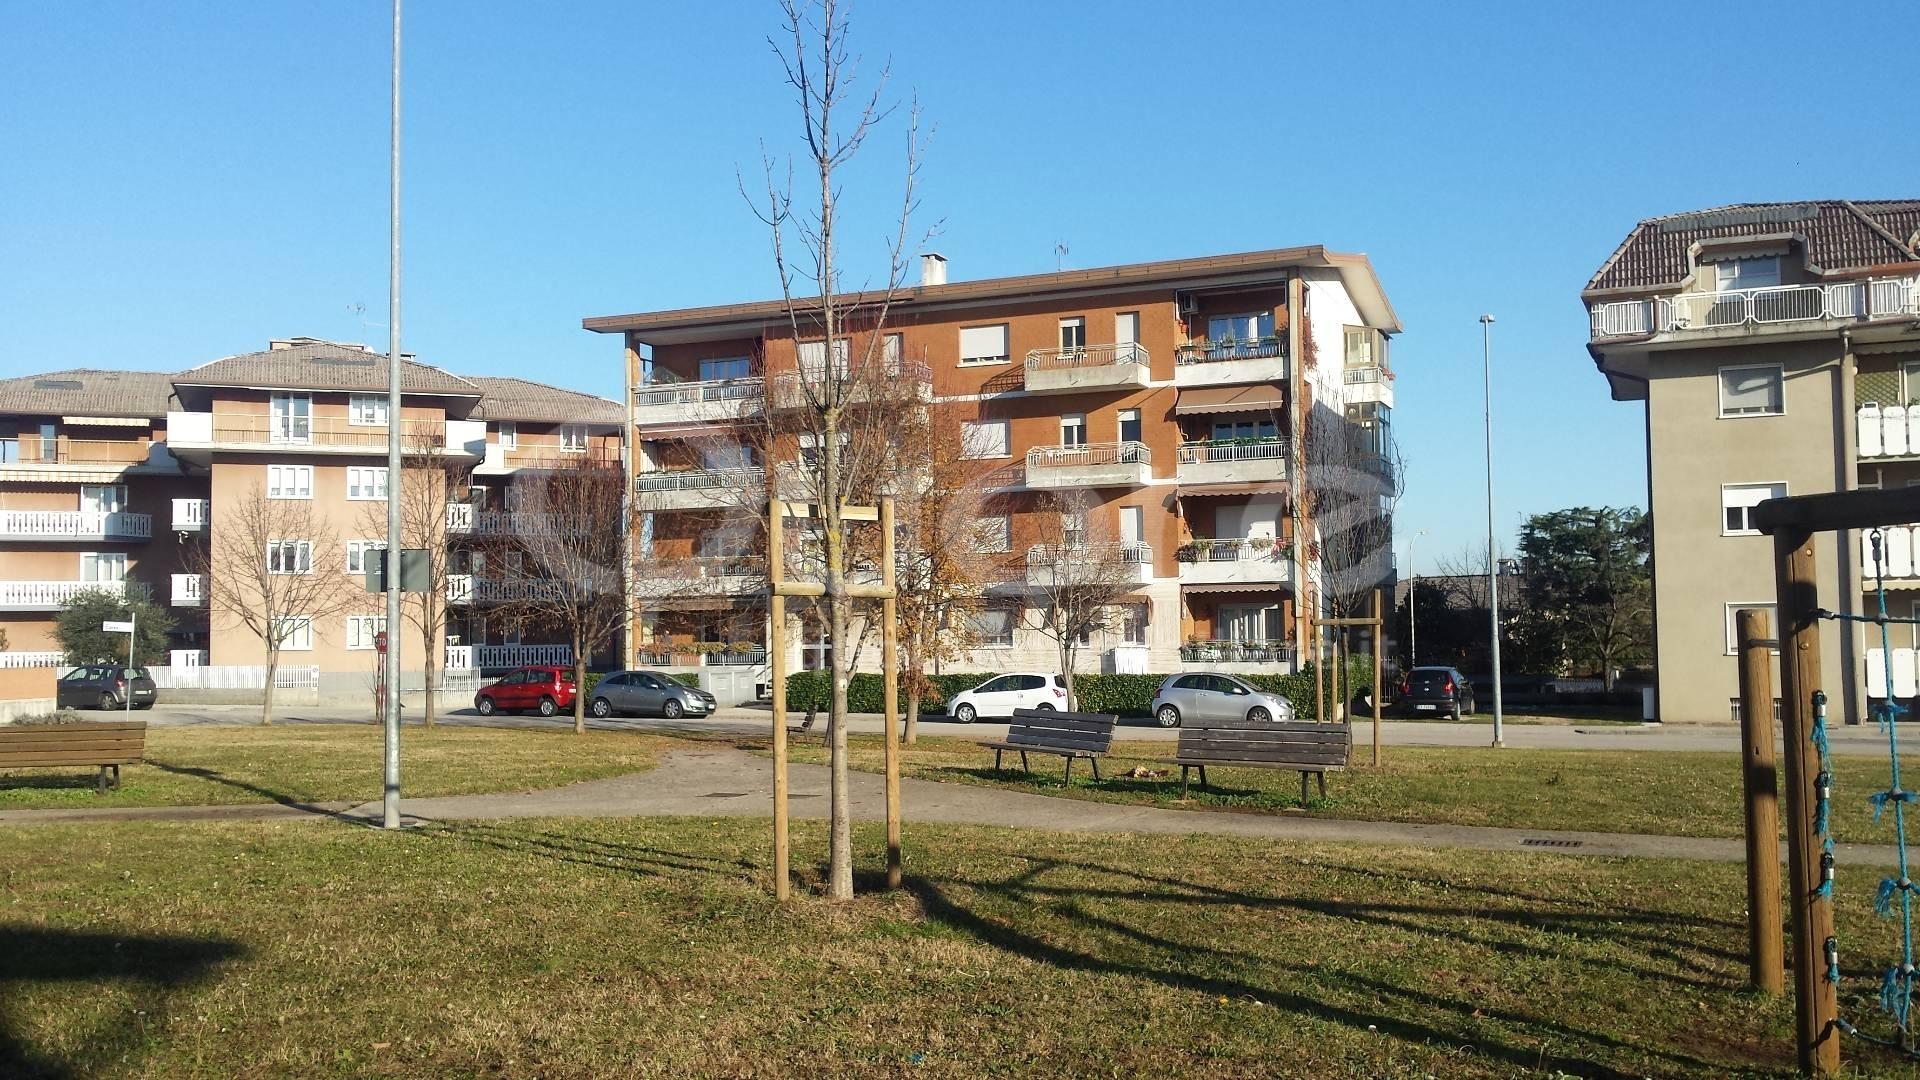 Appartamento in affitto a Pasian di Prato, 4 locali, zona Località: PasiandiPrato, prezzo € 420 | CambioCasa.it